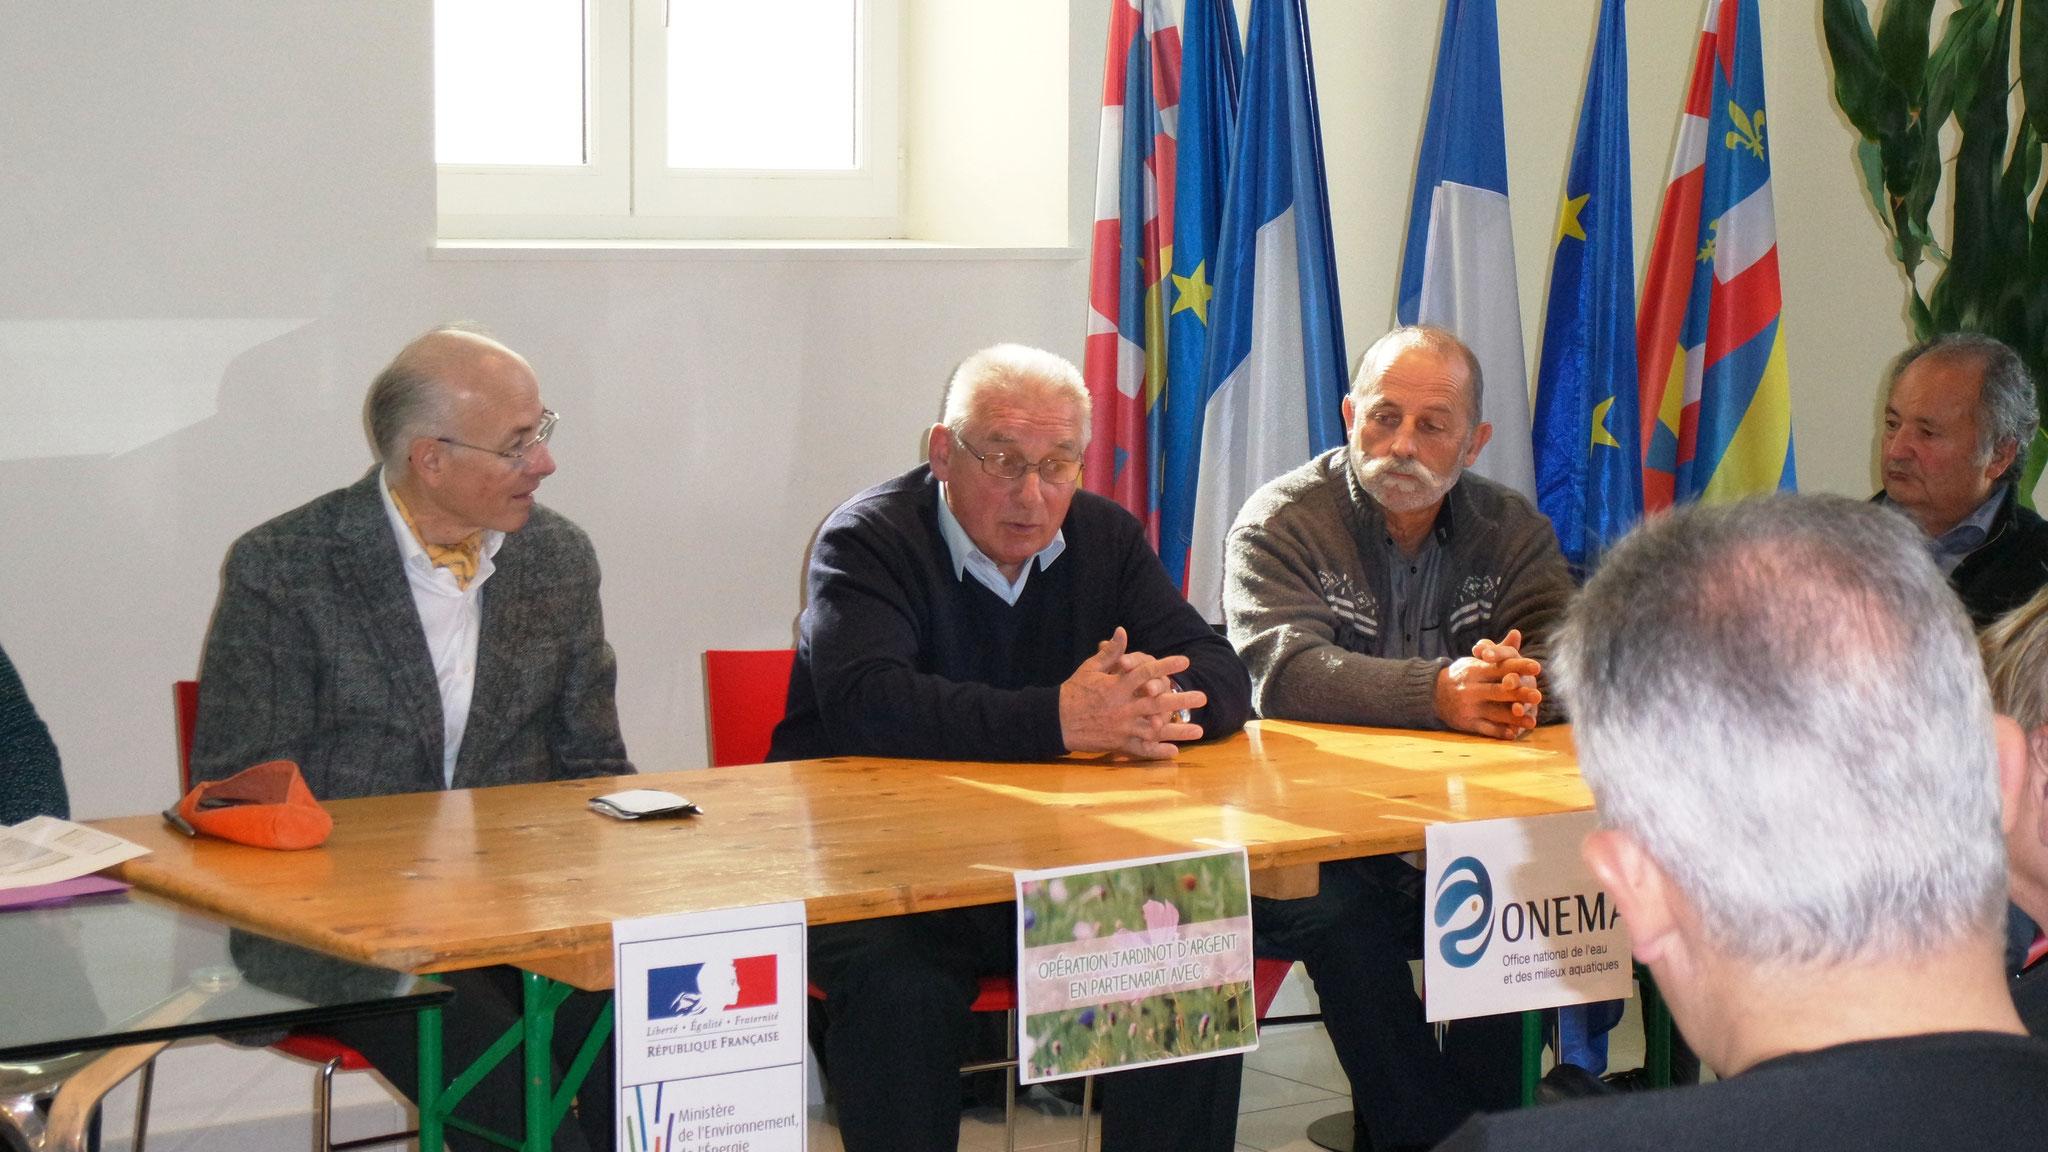 M. Chapuis Conseiller départemental, M. Lenoir Maire, M. Thallinger Jardinot